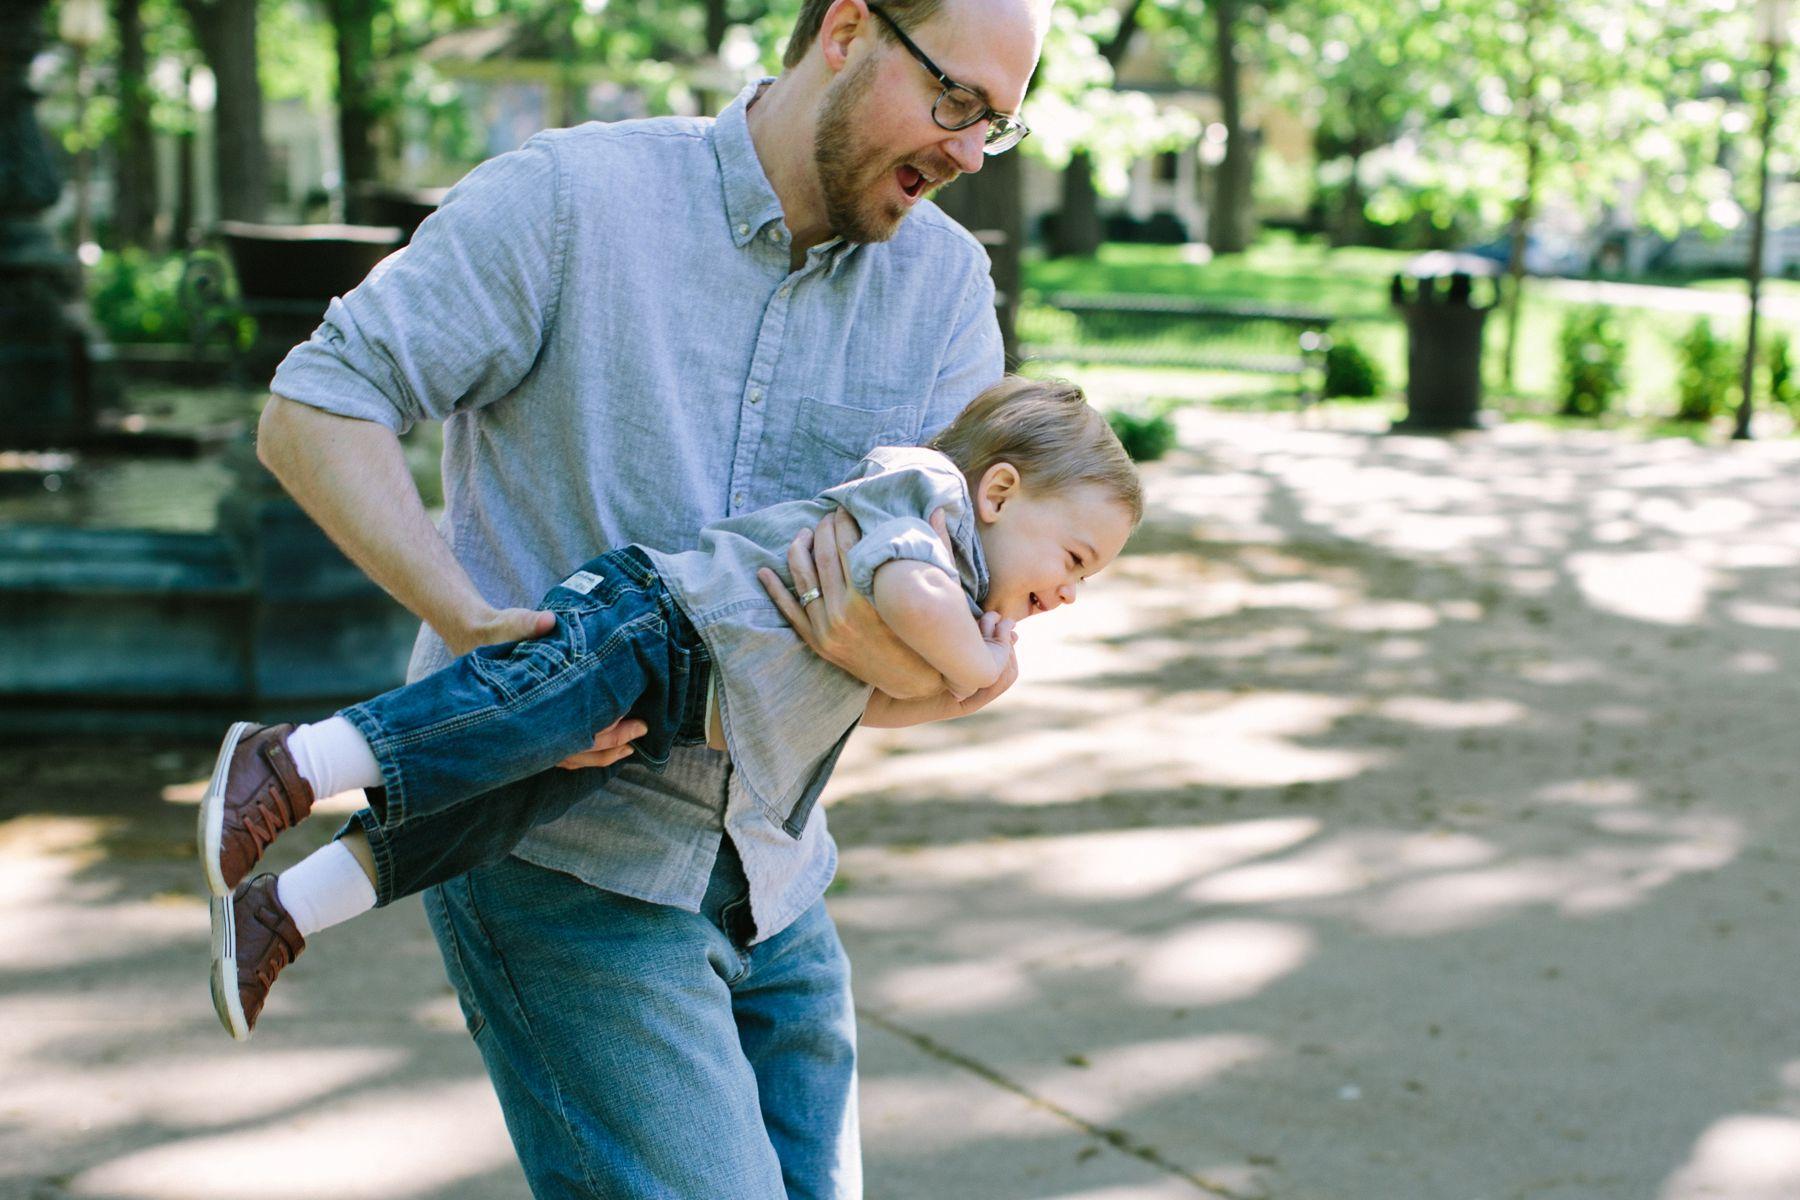 Saint_Paul_Family_Photos-Historic_Parks_1370.jpg